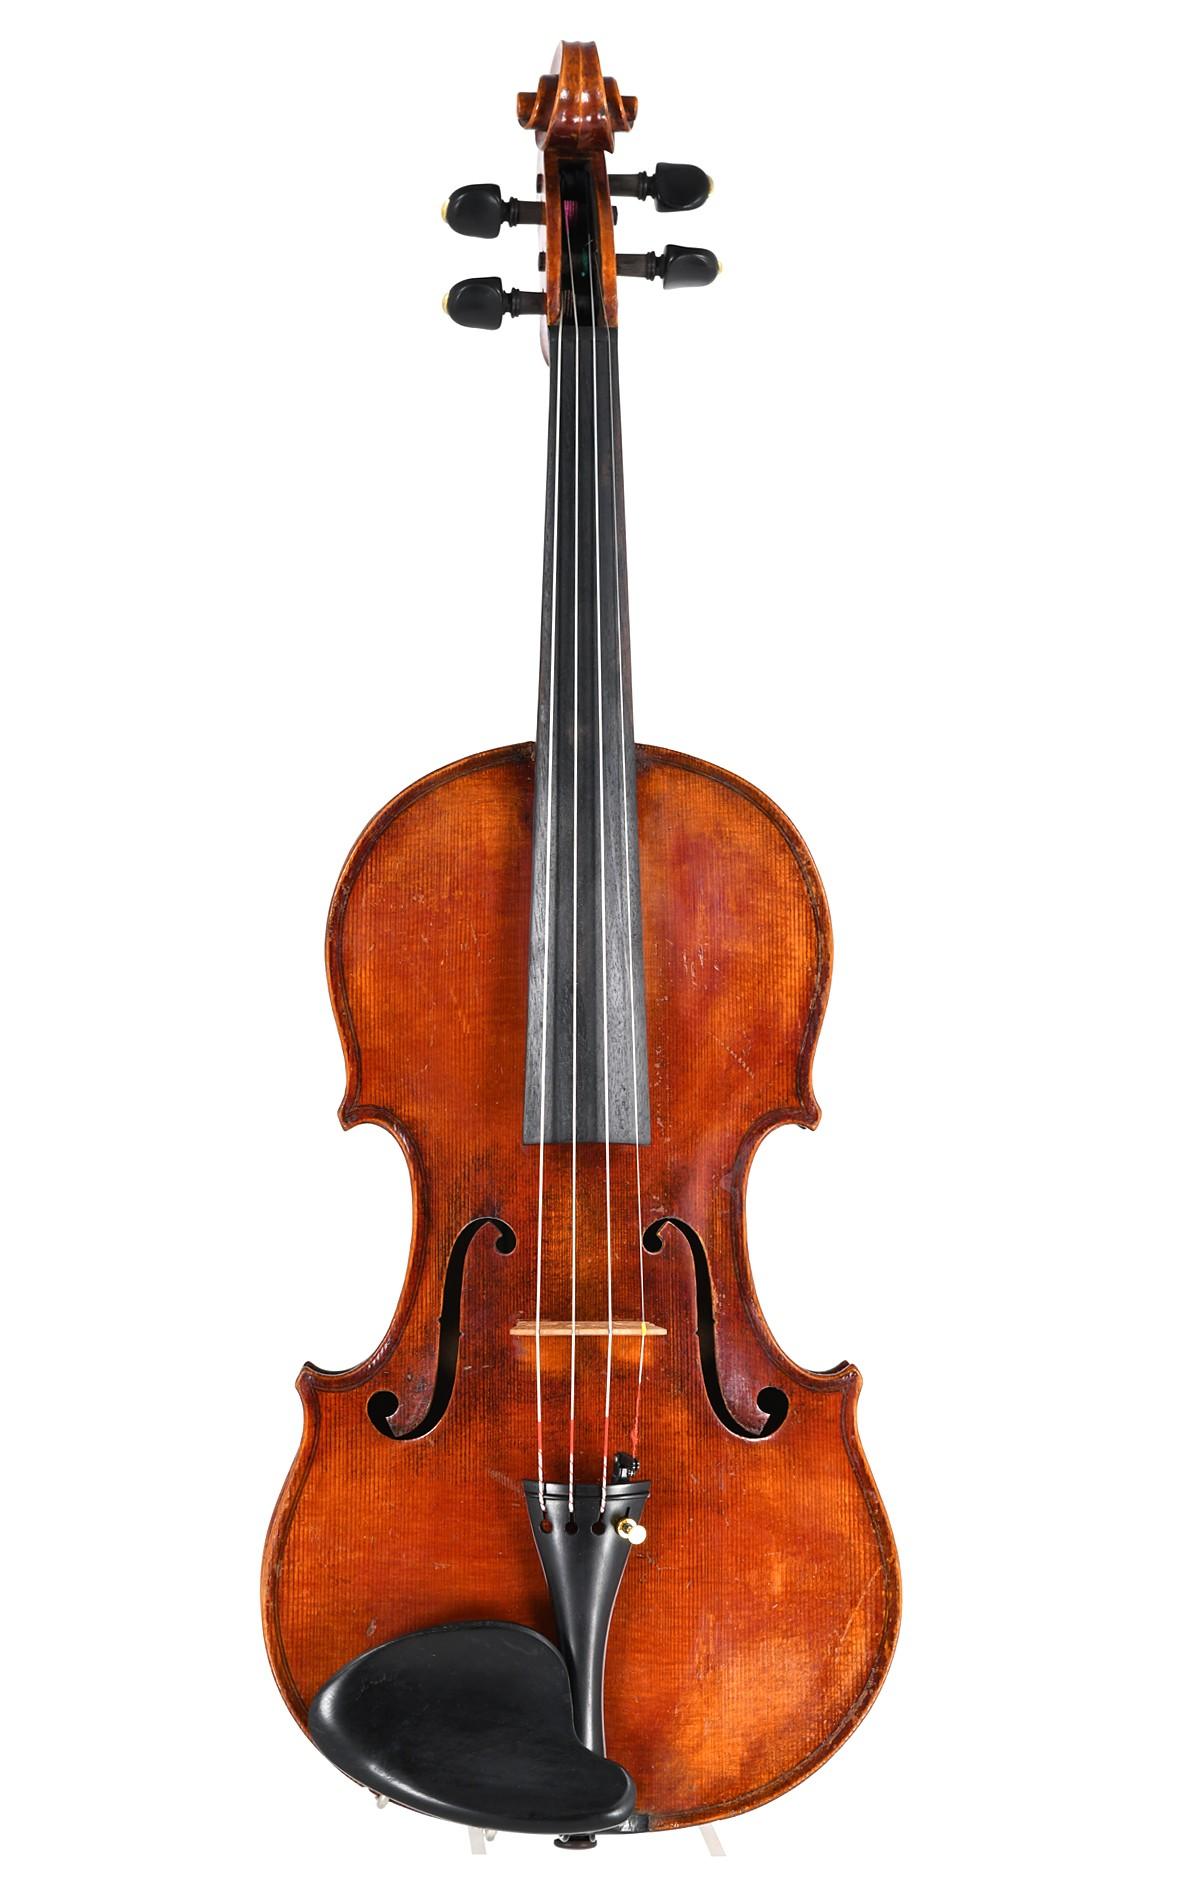 Bayerische Geige von Otto Ebner, Augsburg